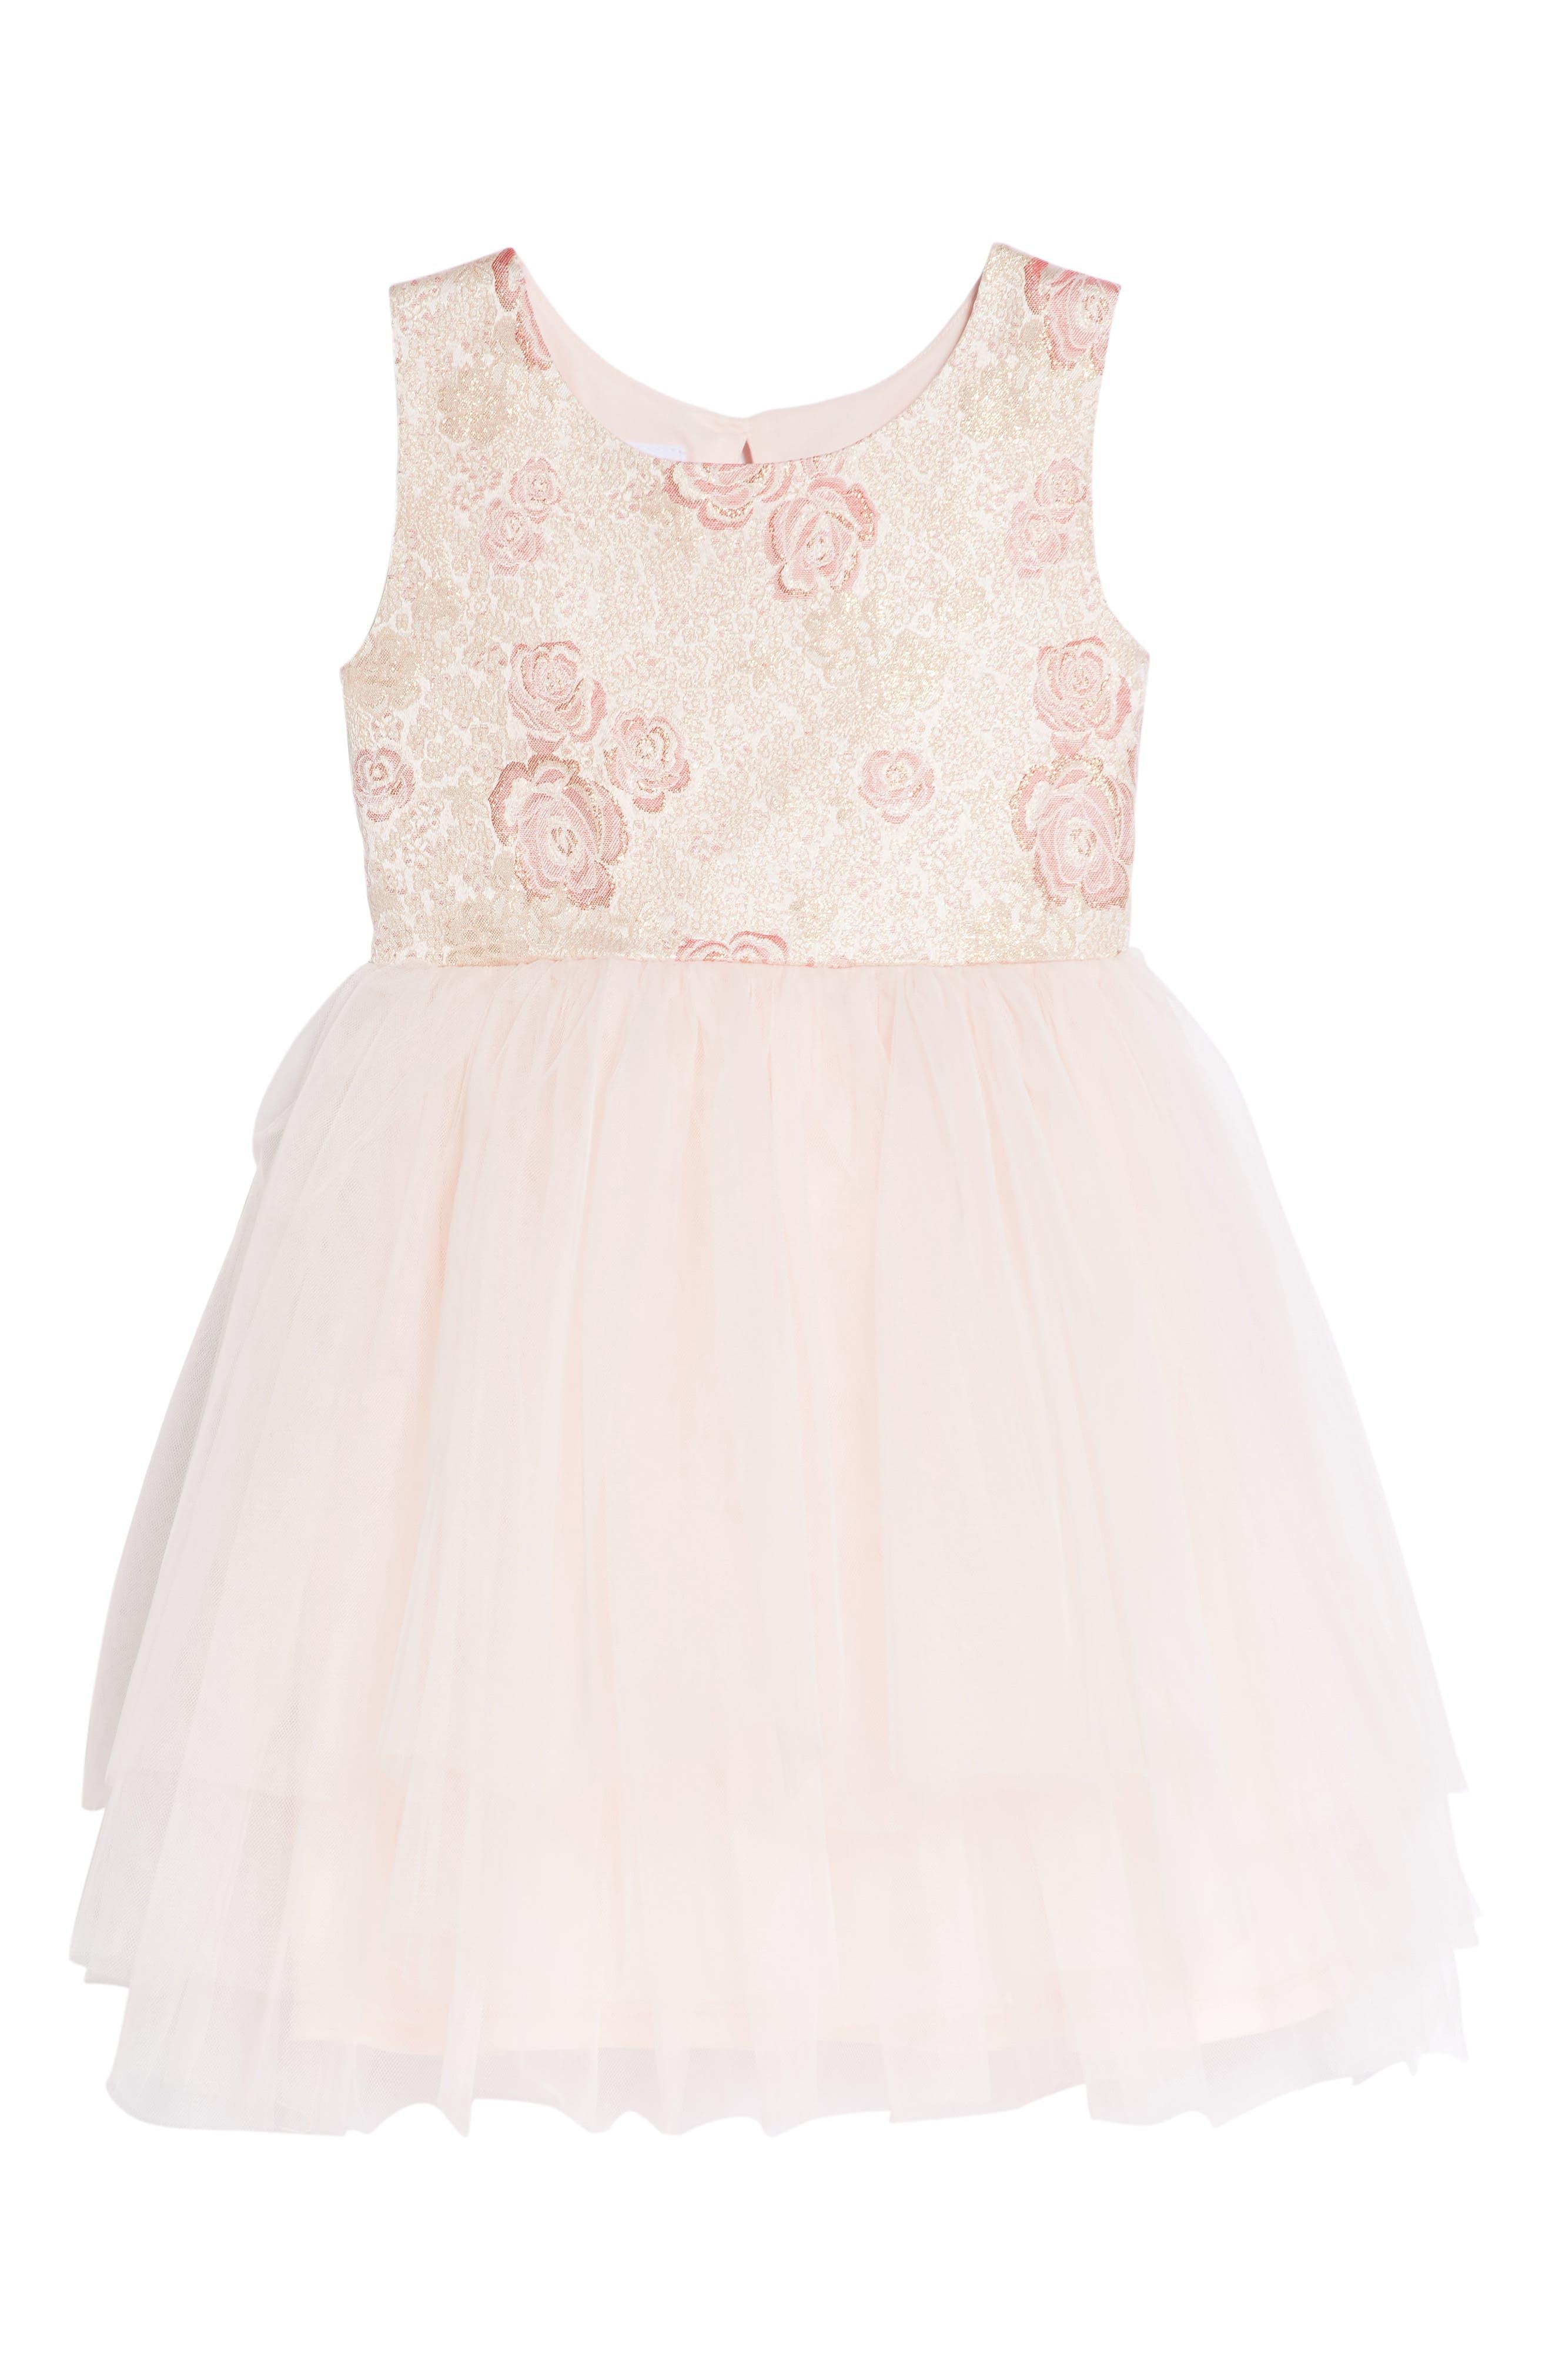 Rose Jacquard Fit & Flare Dress,                             Main thumbnail 1, color,                             650